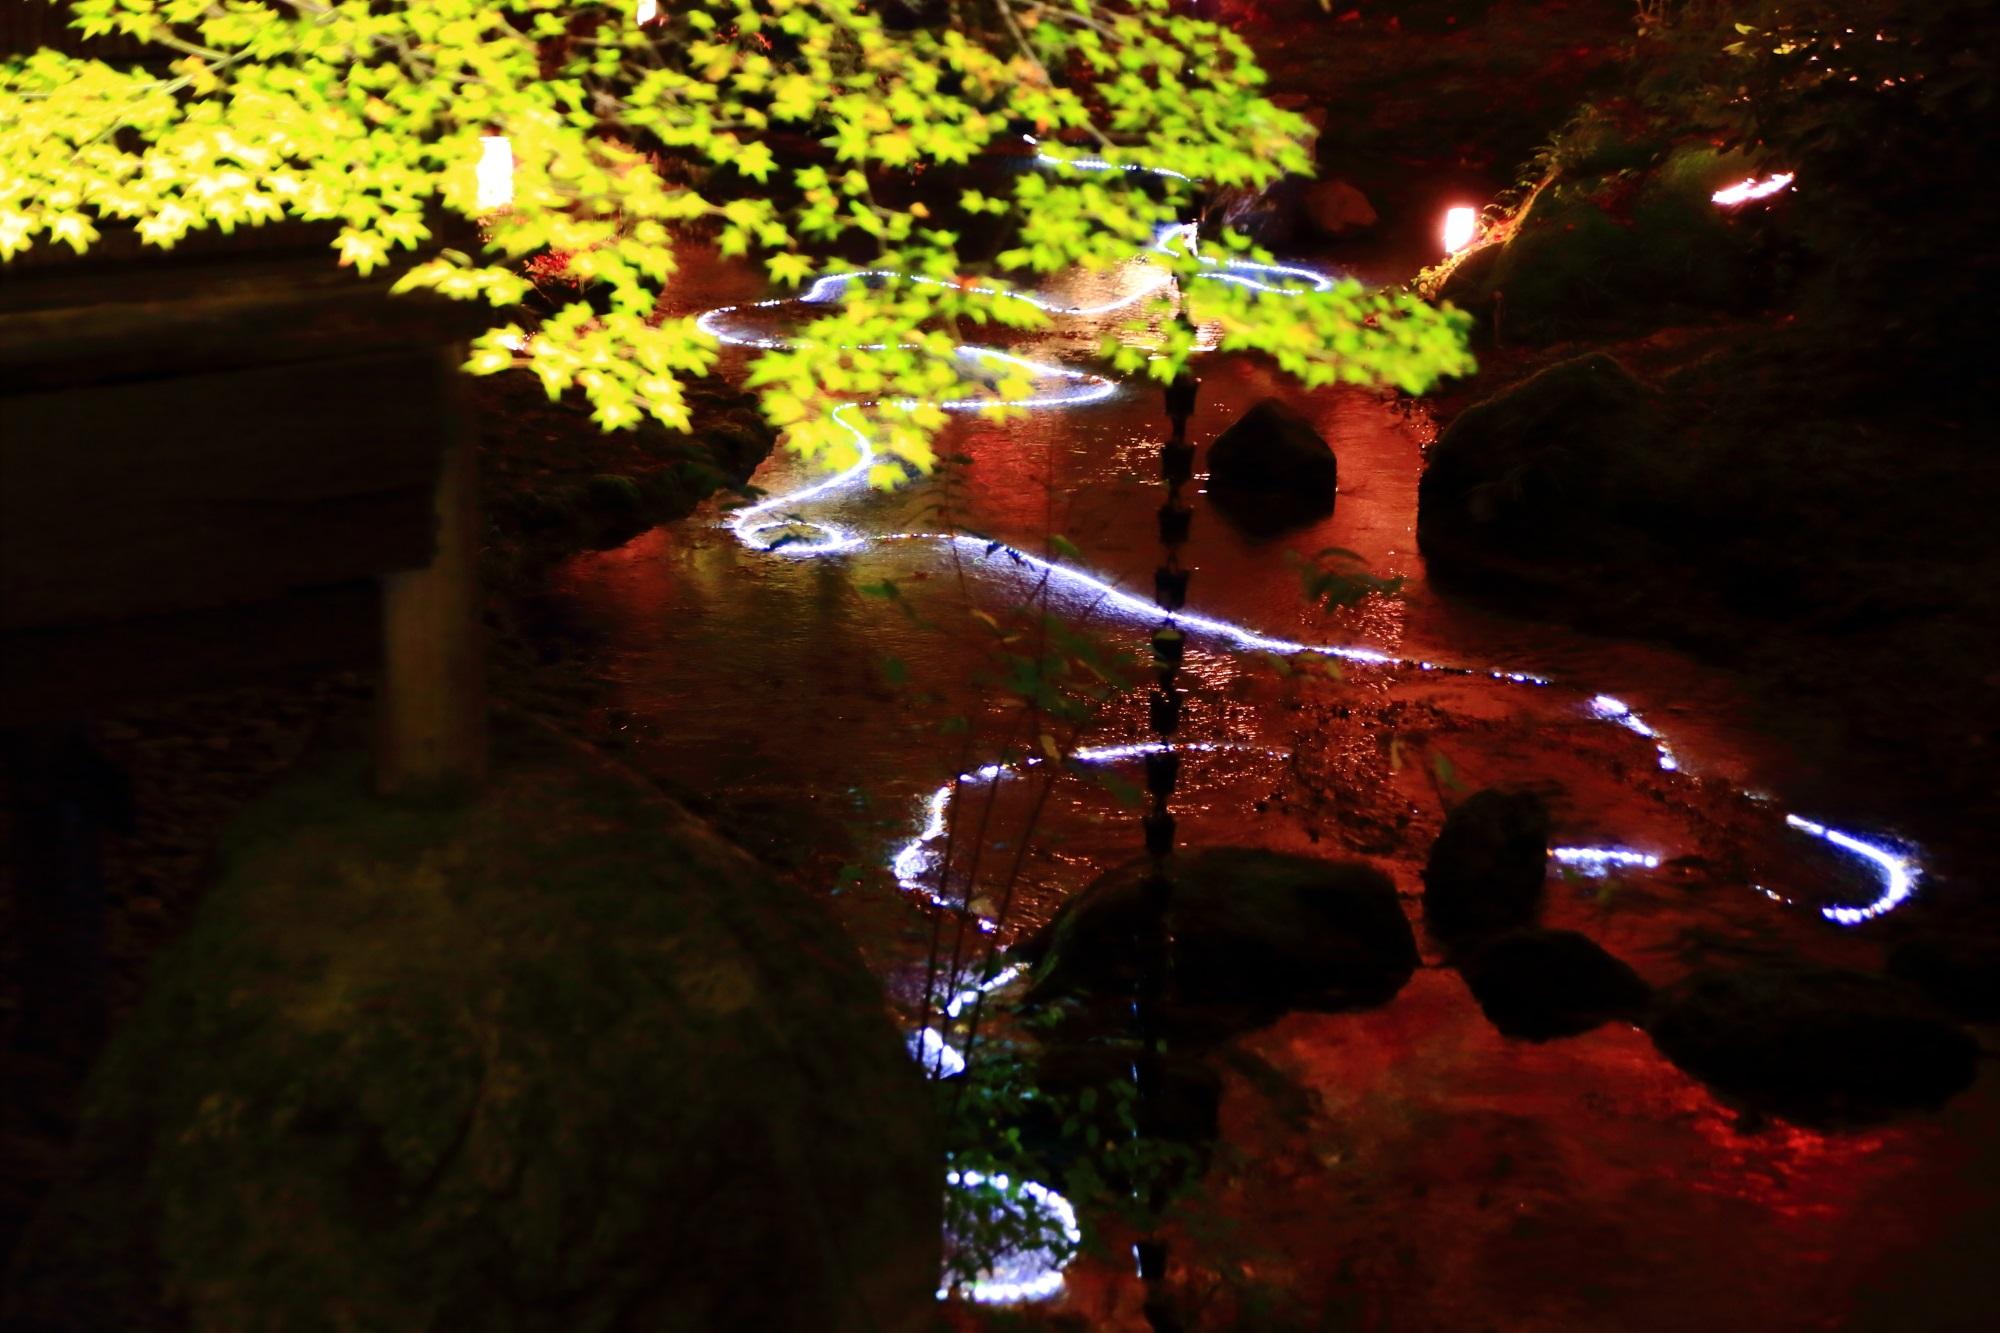 宝厳院の書院前の小川の光の演出と紅葉の水鏡